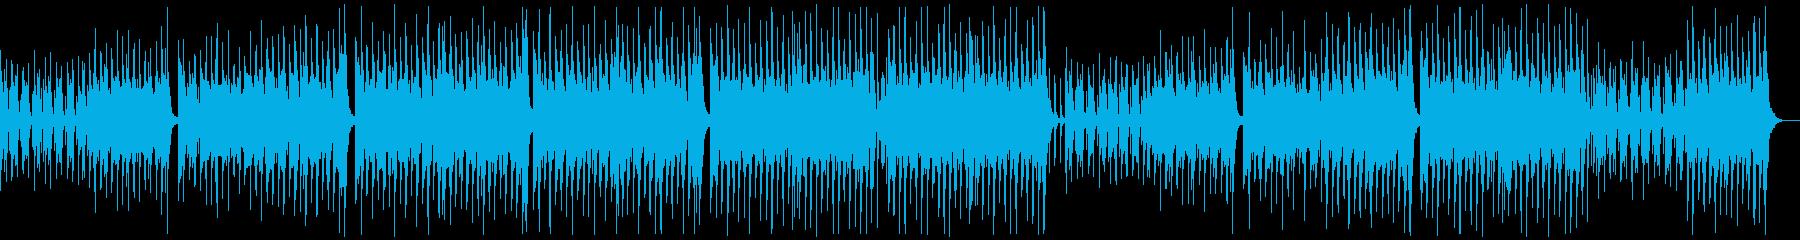 のんびり楽しいレゲエポップ:メロディ抜きの再生済みの波形